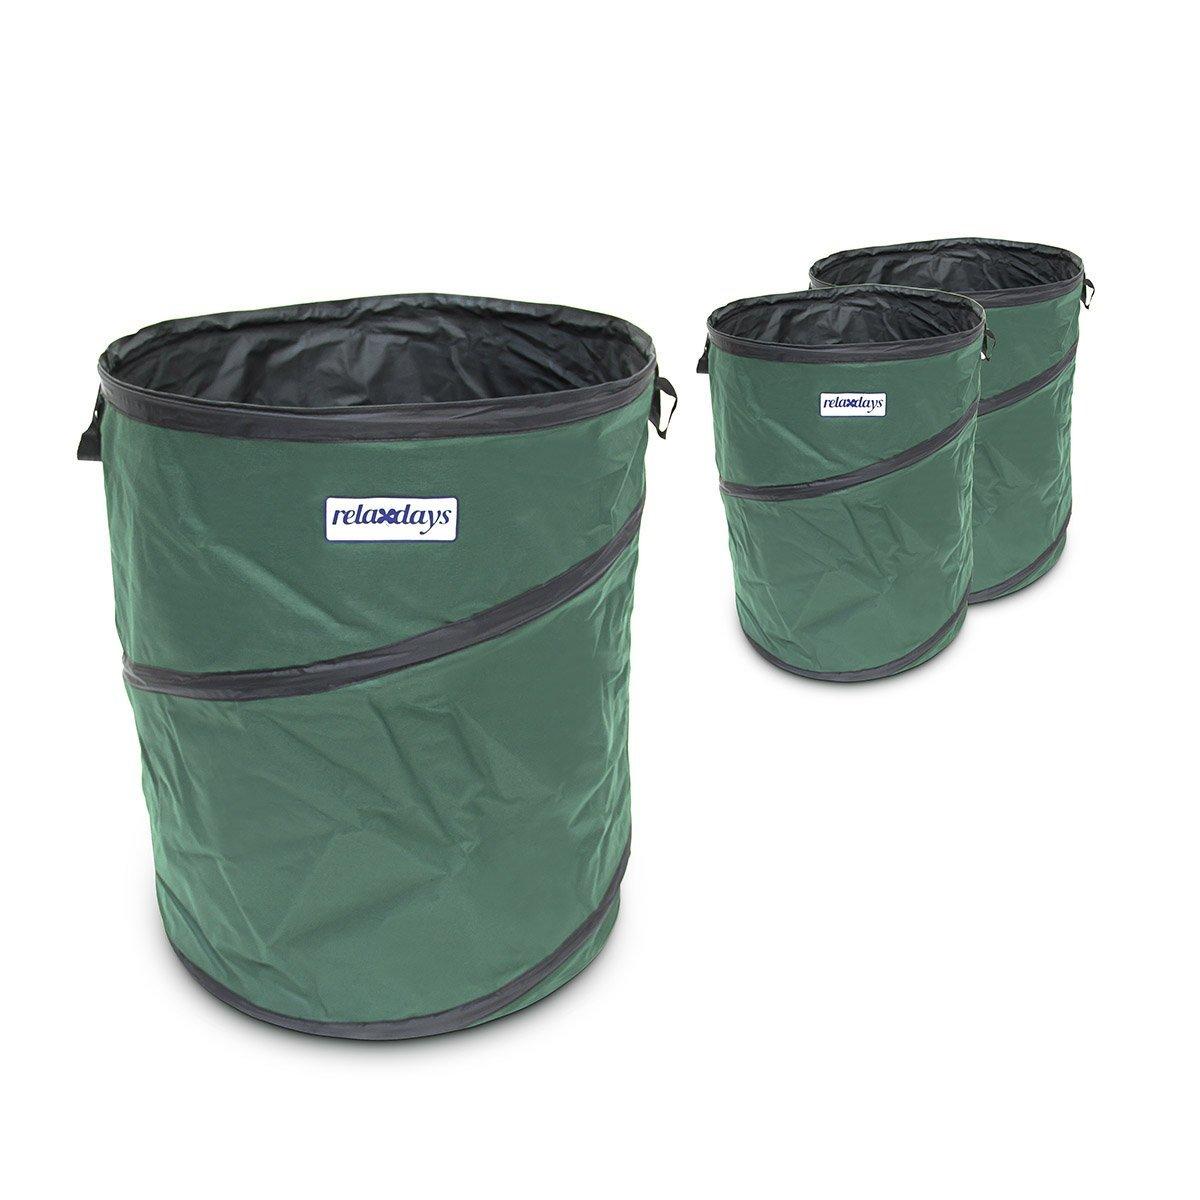 Cubo basura plegable (162 litros)